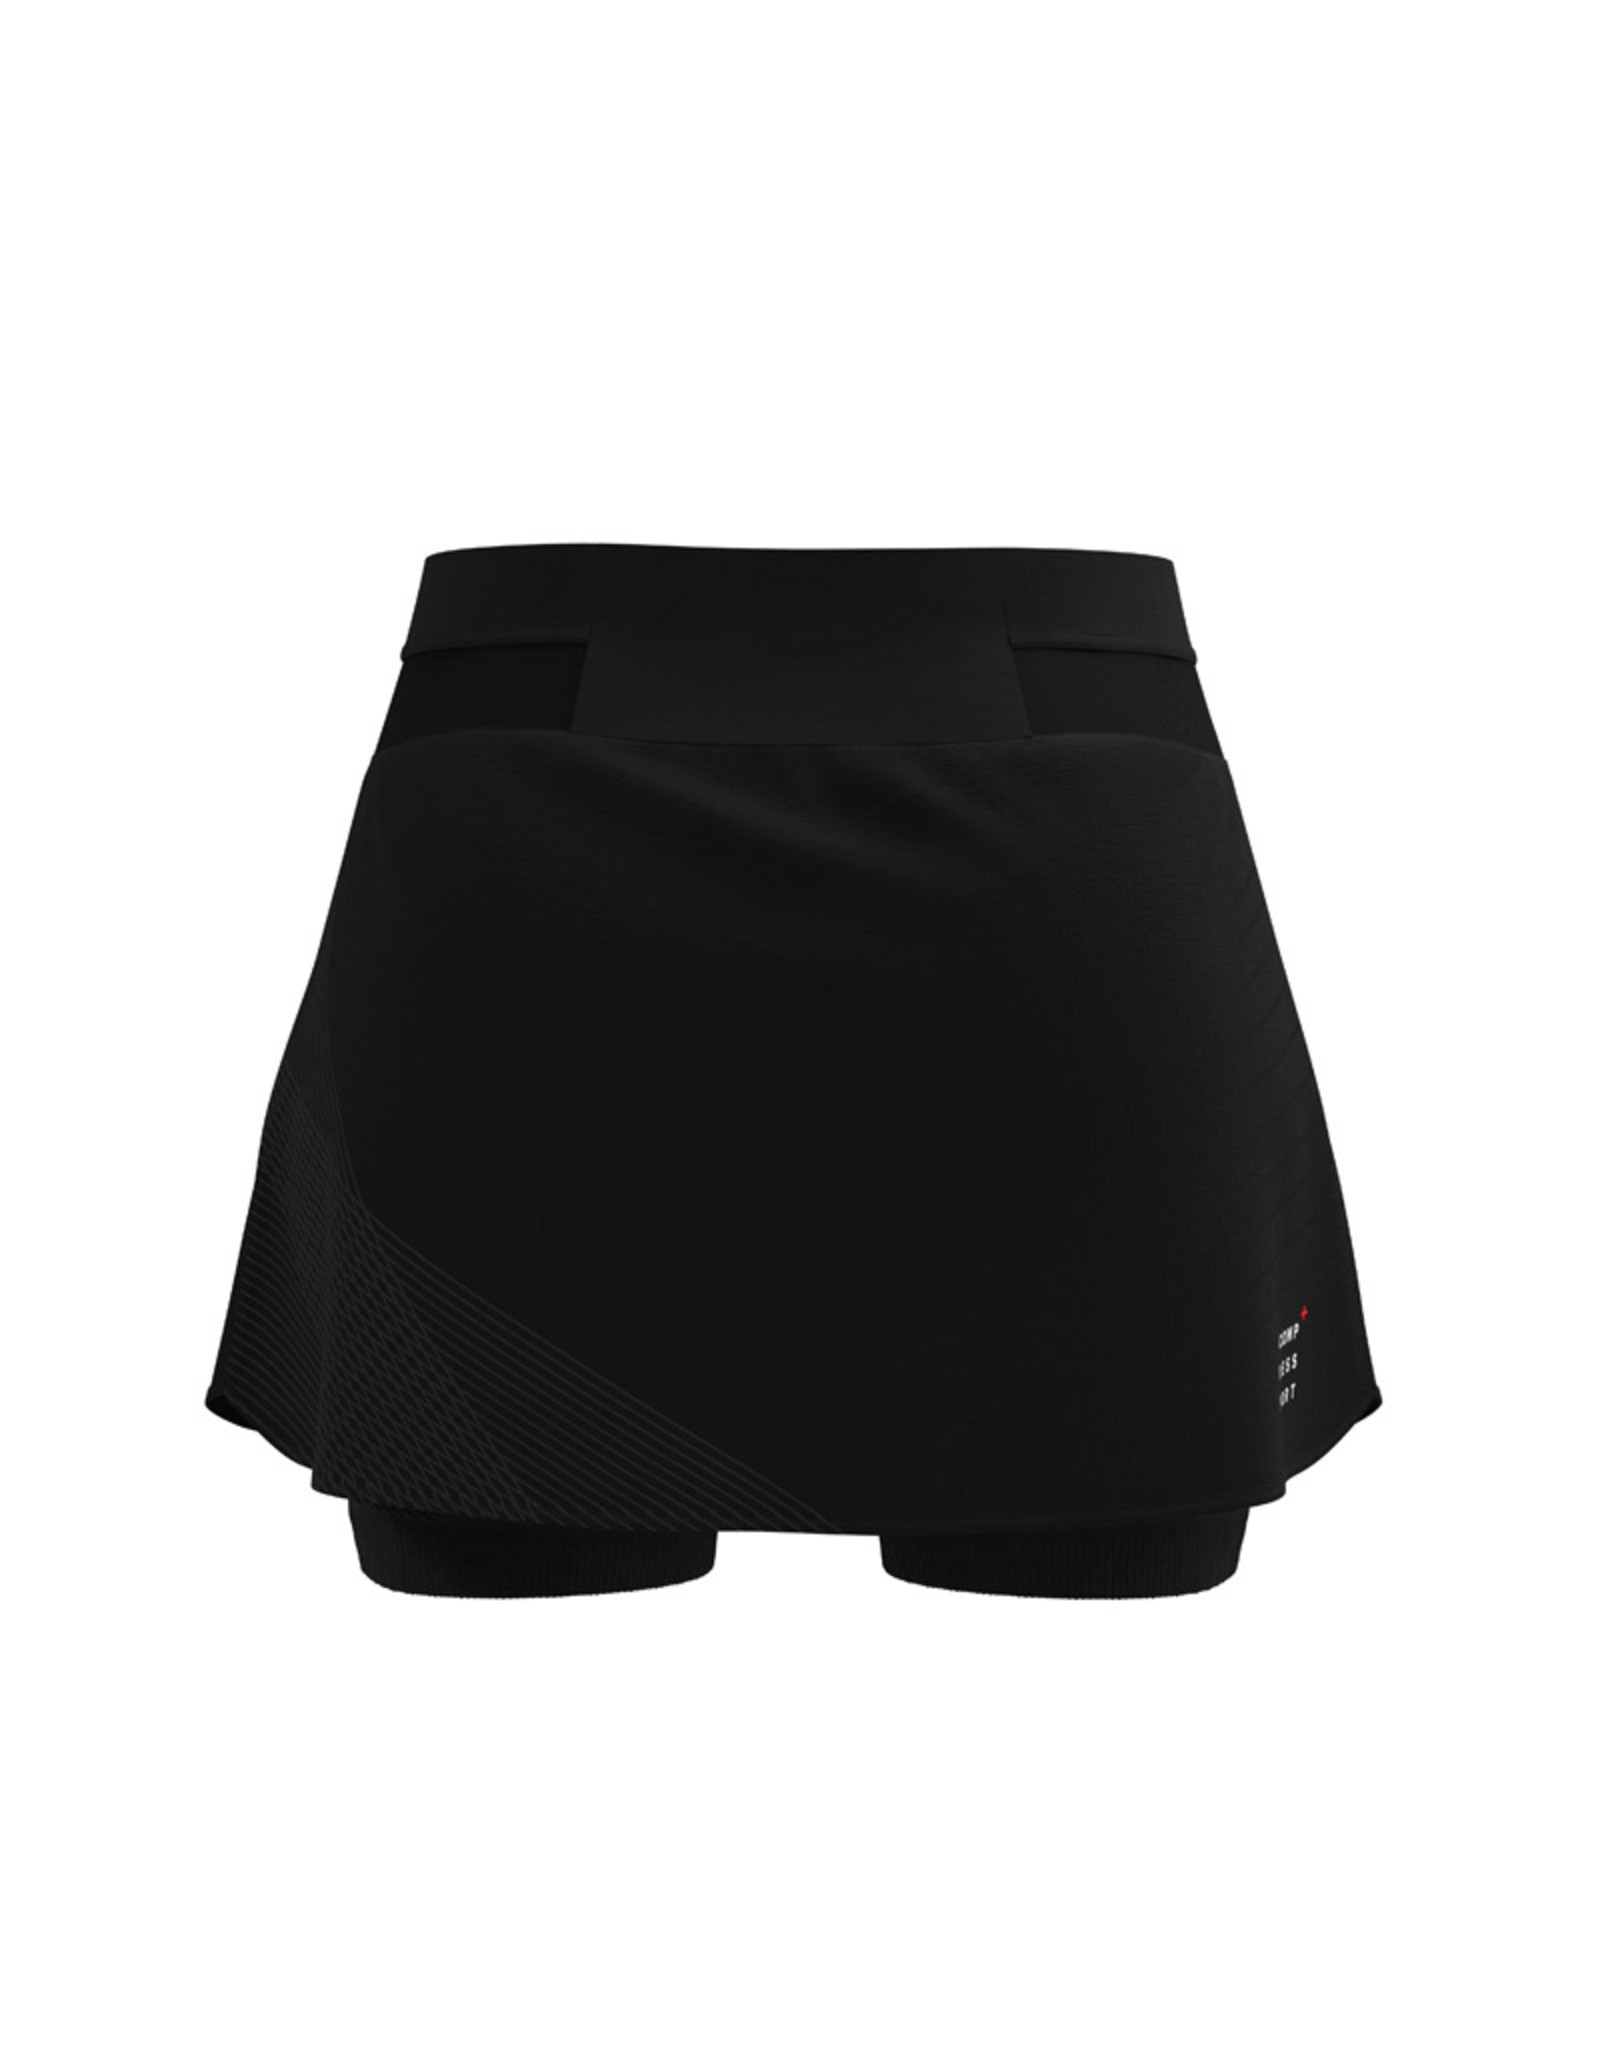 Compressport Performance Skirt - Noir